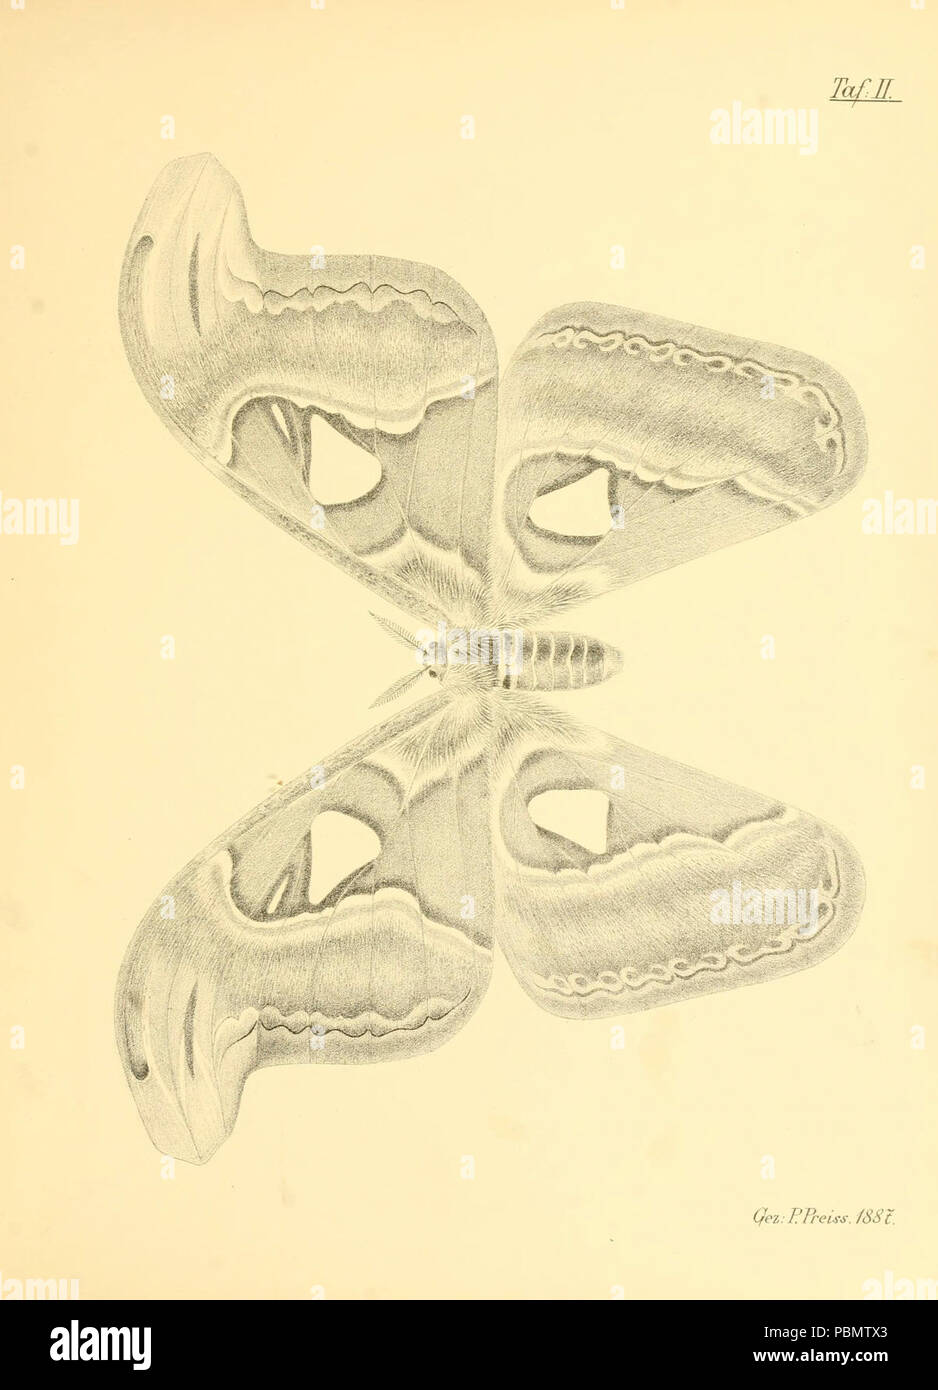 Abbildungen hervorragender Nachtschmetterlinge aus dem indo-australischen und südamerikanischen Faunengebiet (Taf. II) - Stock Image